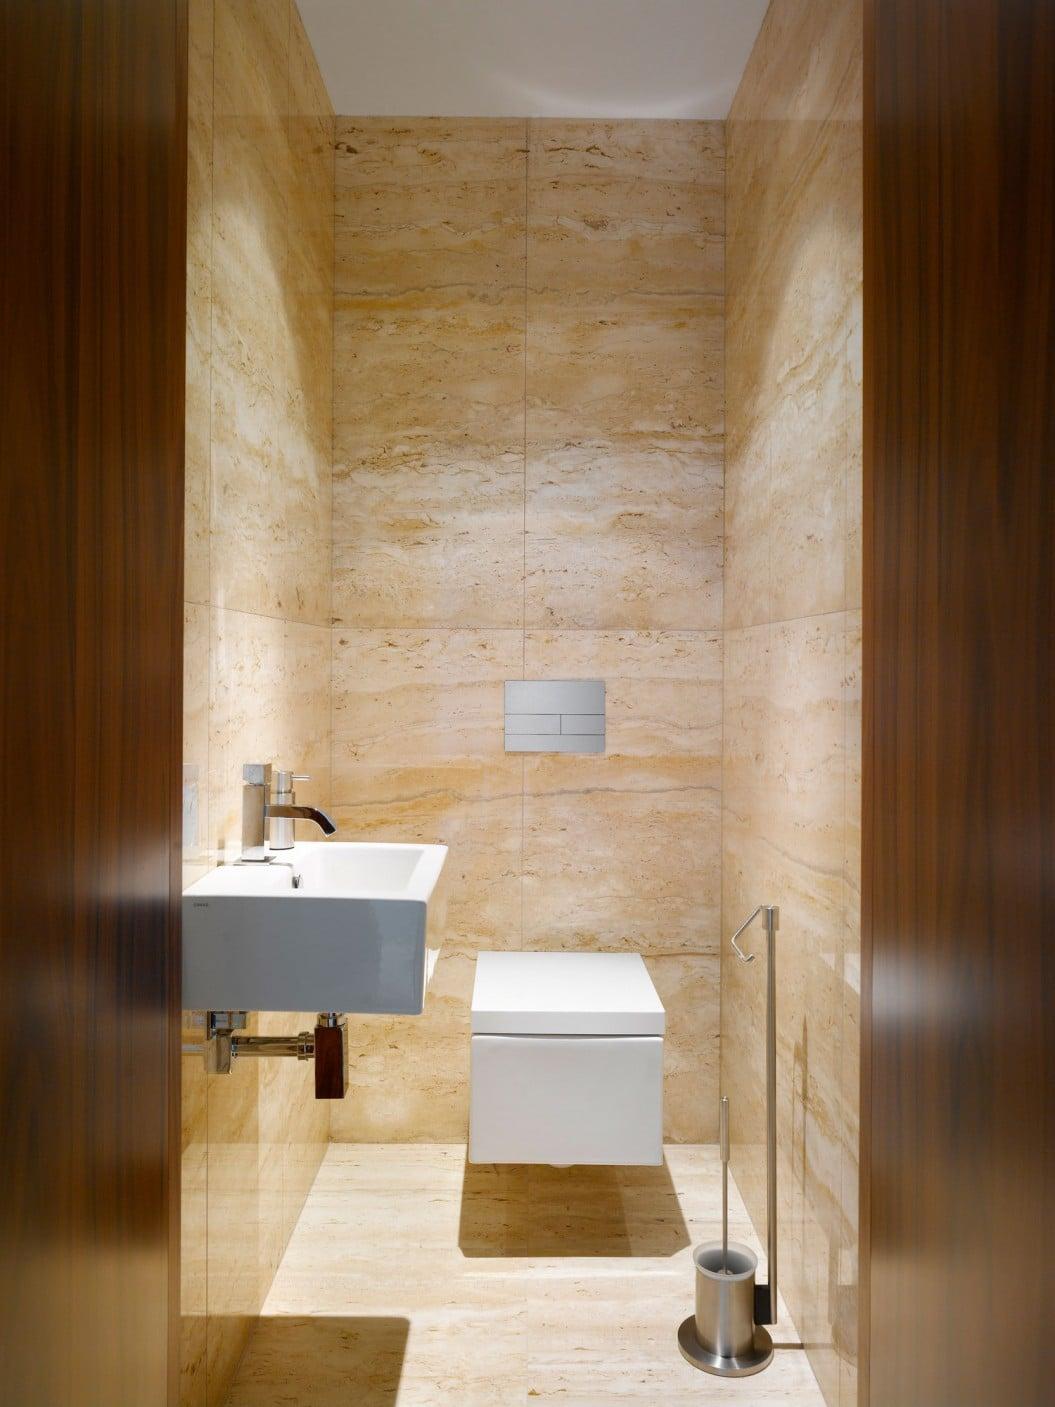 30 fotos de cuartos de ba o modernos que te sorprender n for Cuartos de bano modernos